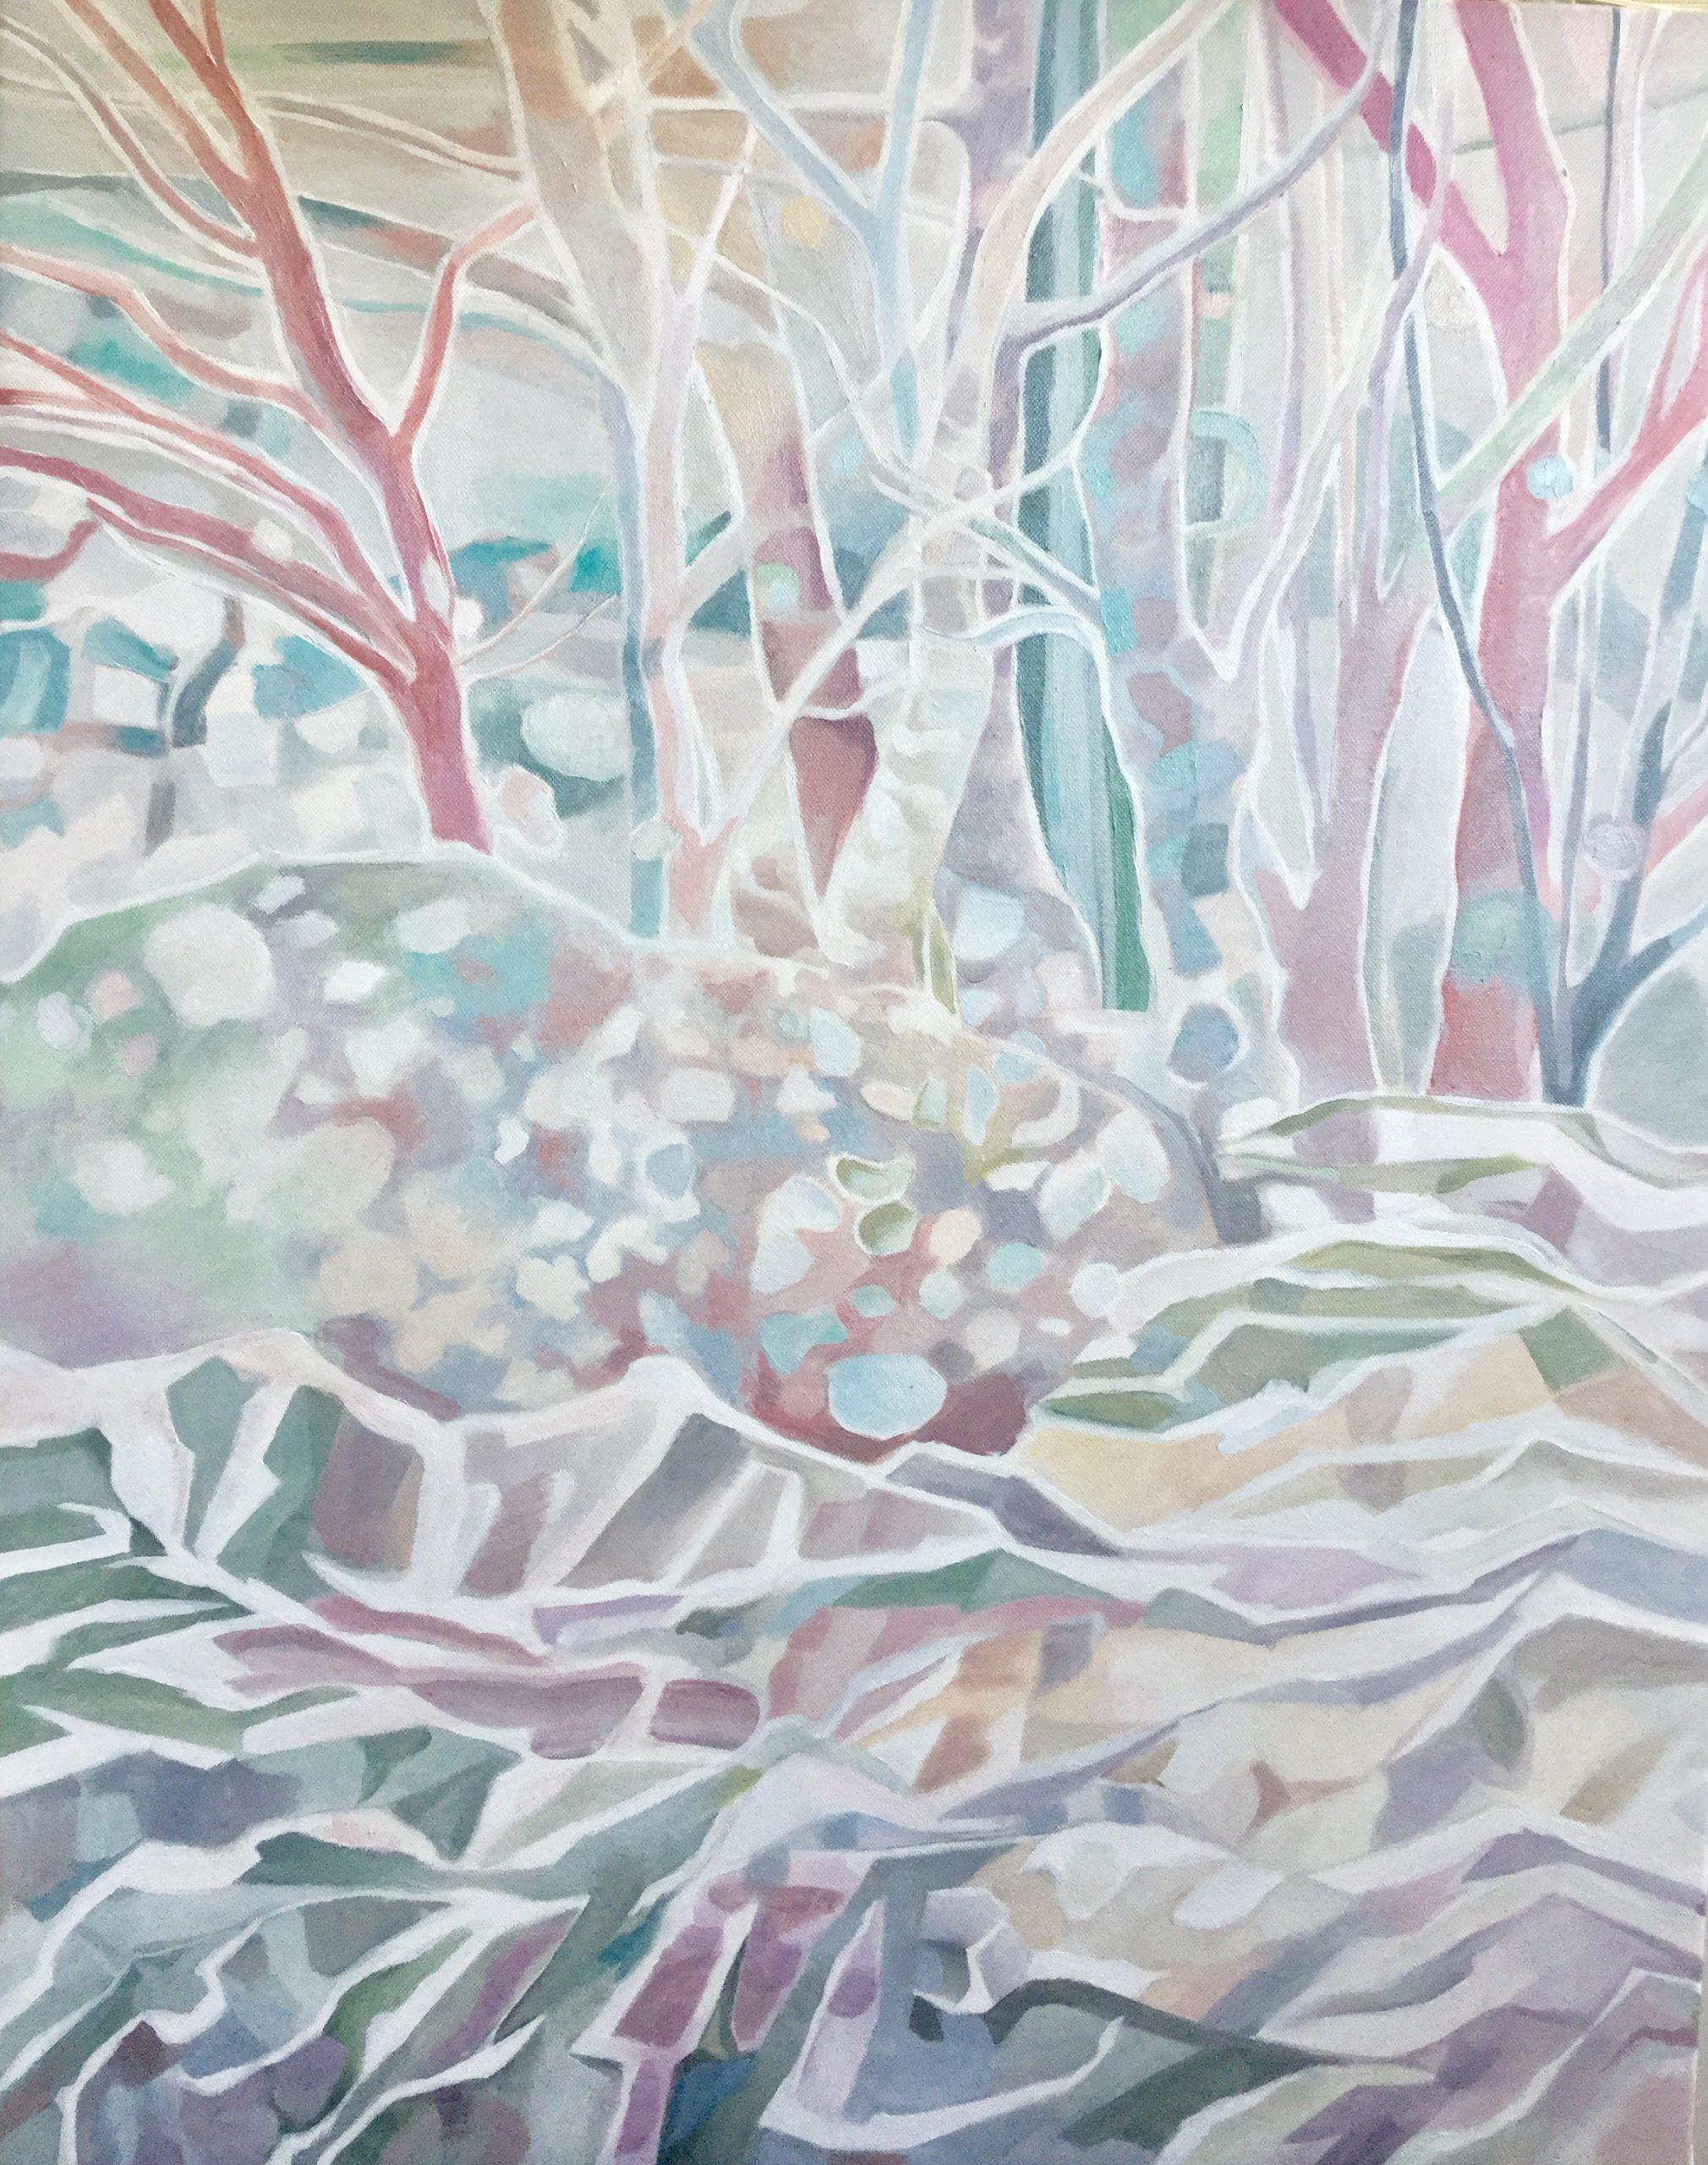 Kunst: Winterforrest, Fading memories van kunstenaar Sanneke S.I. Griepink